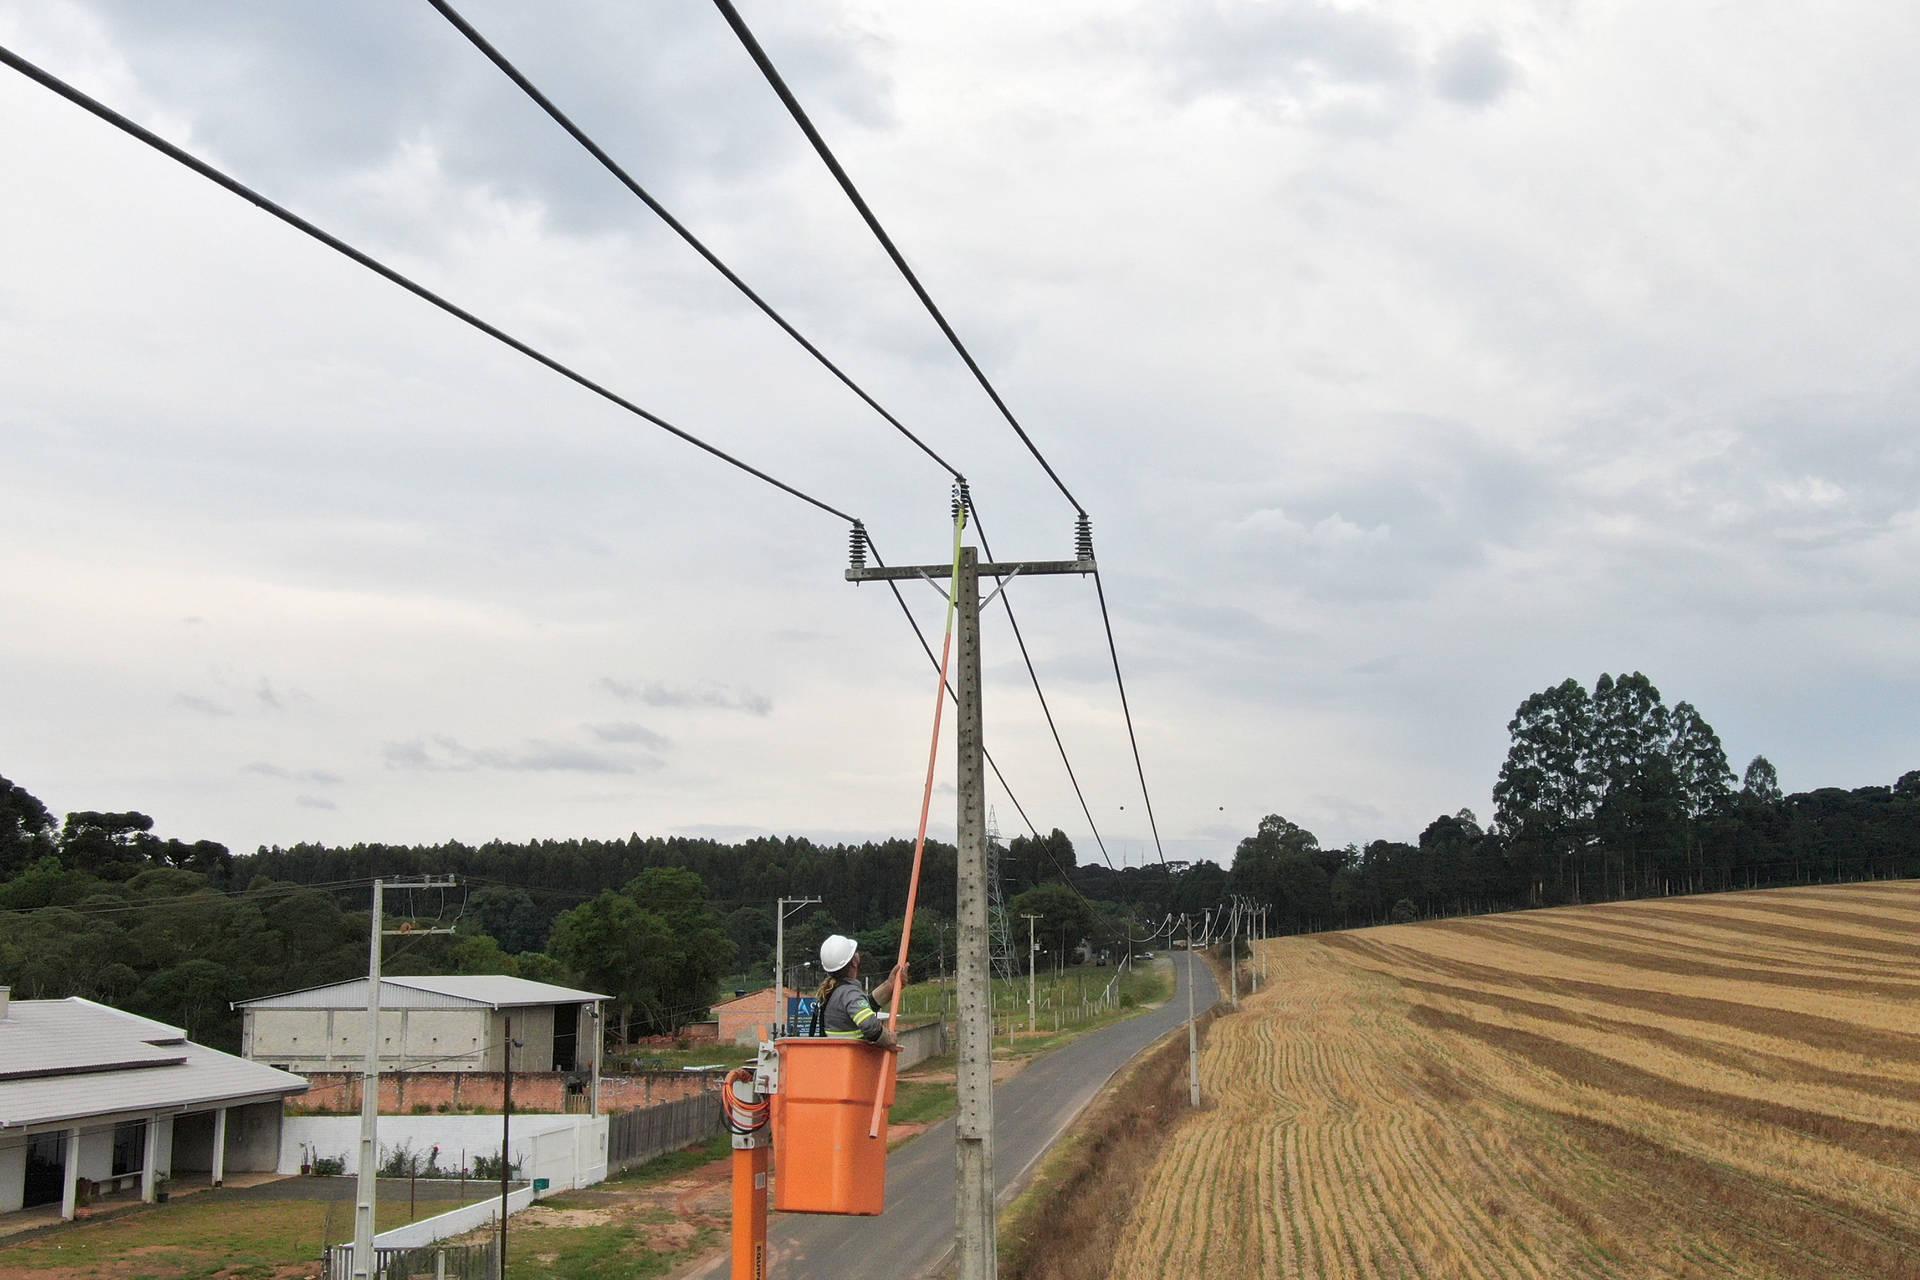 Essa a estrutura que a Copel mantém e opera para atender quase 4,8 milhões de ligações em sua área de concessão